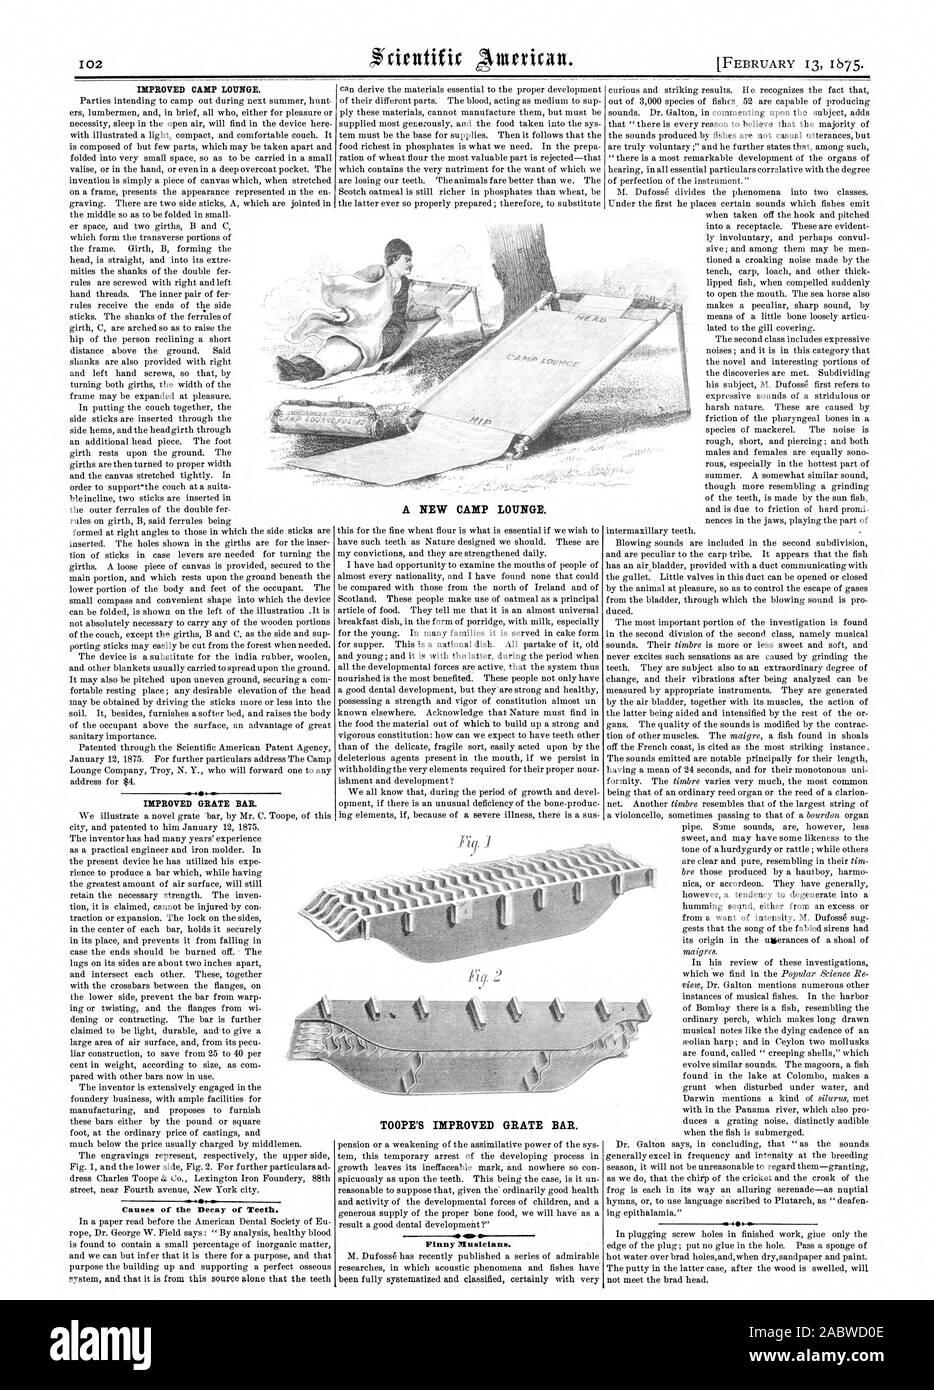 Cause del degrado di denti. TOOPE migliorata del bar della griglia. Finny musicisti. 400 un nuovo accampamento LOUNGE., Scientific American, 1875-02-13 Foto Stock